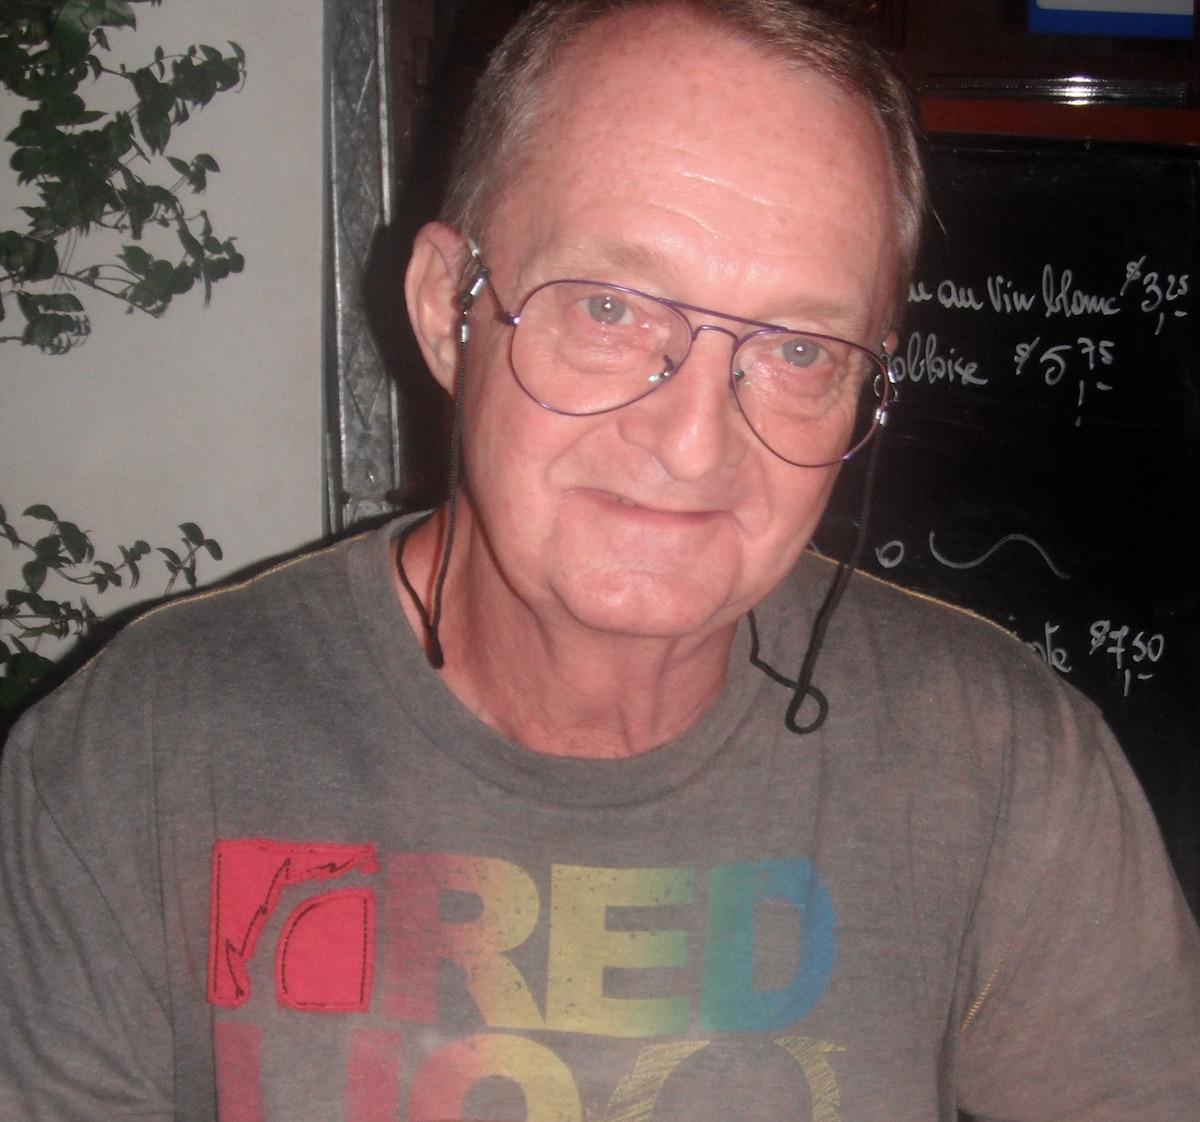 Jean-Louis from Kuta